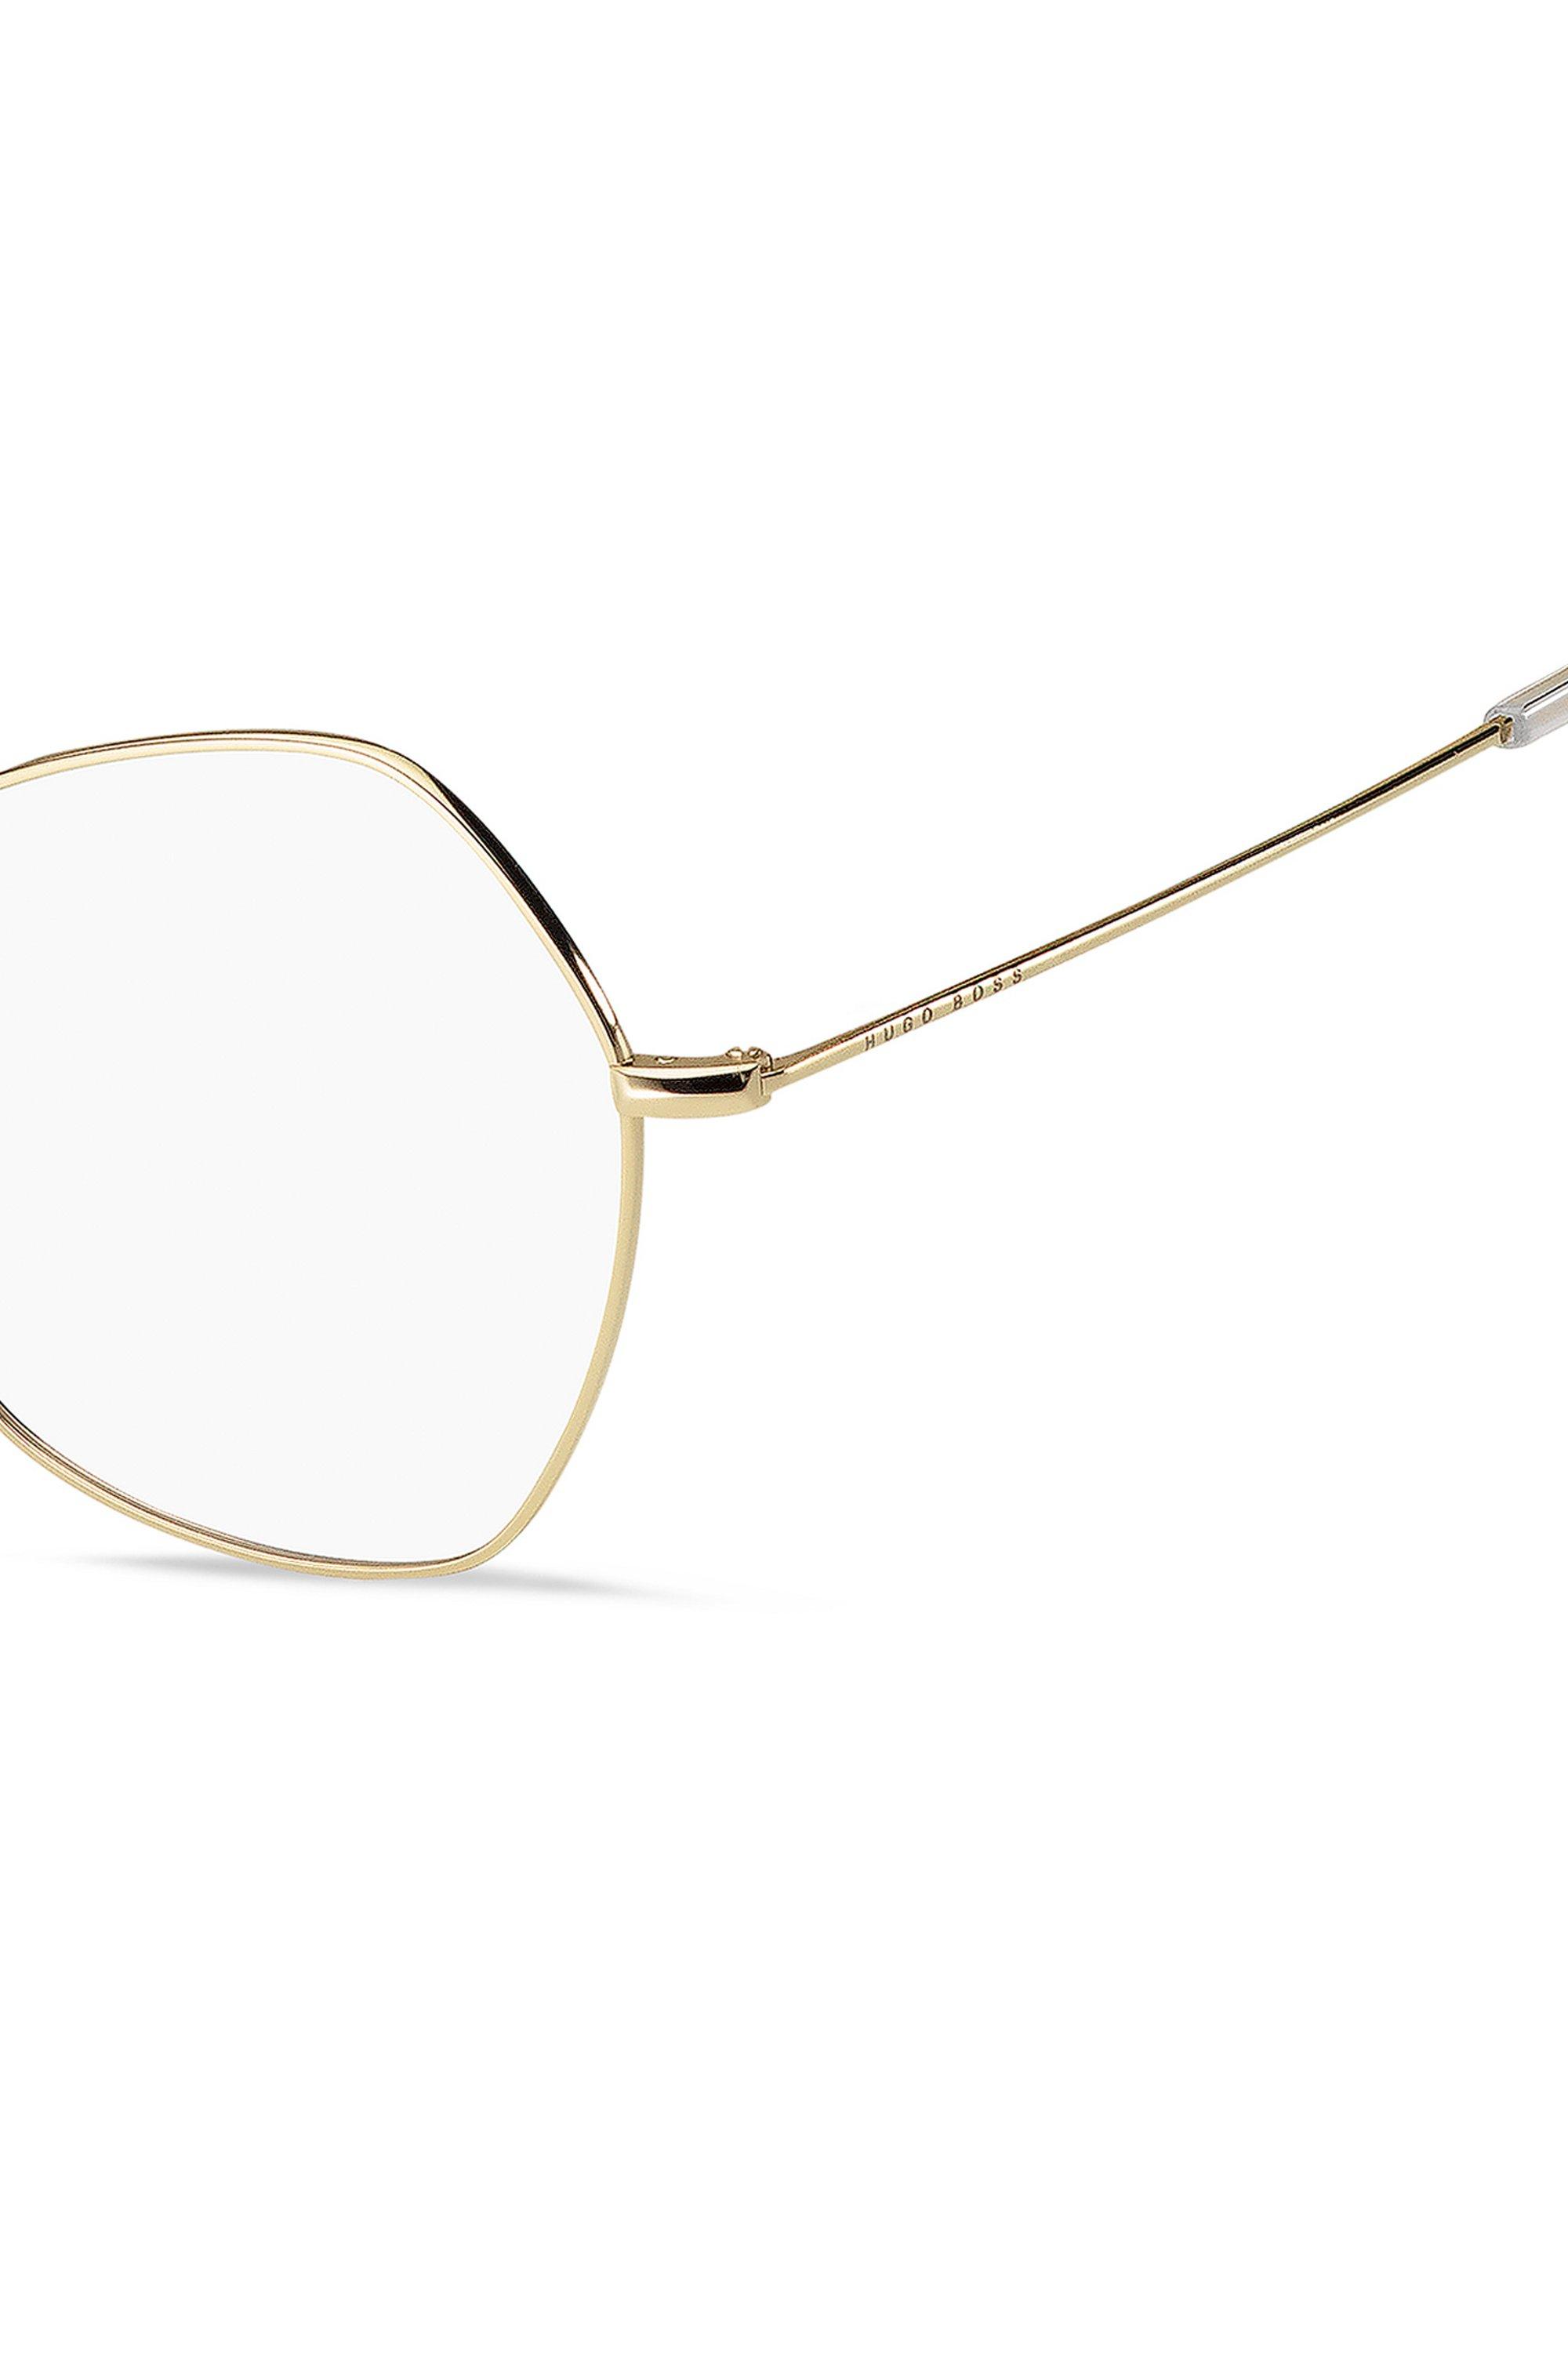 Monture optique angulaire en titane à la finition dorée